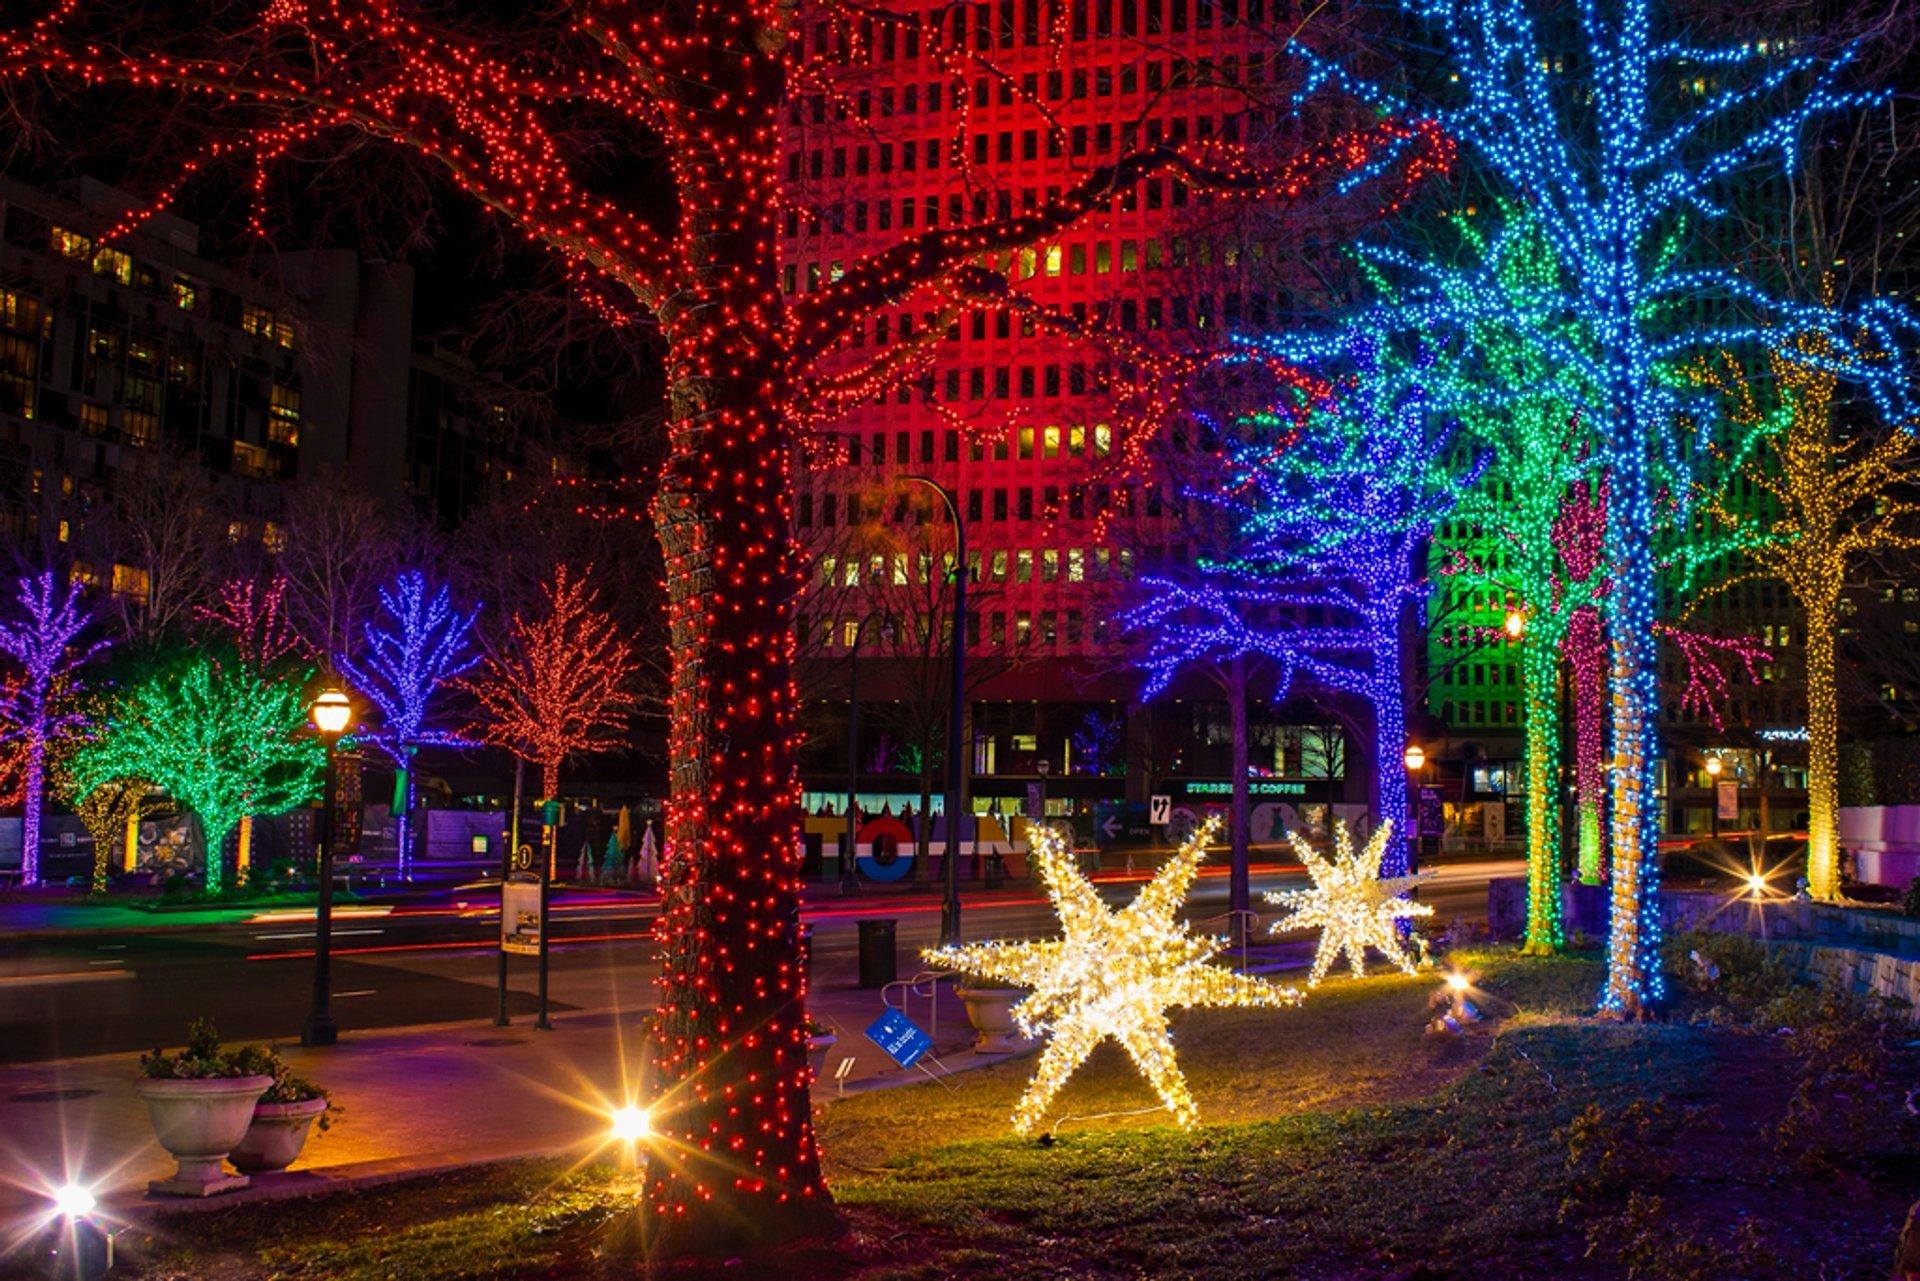 Christmas Lights in Atlanta in Atlanta 2020 - Best Time